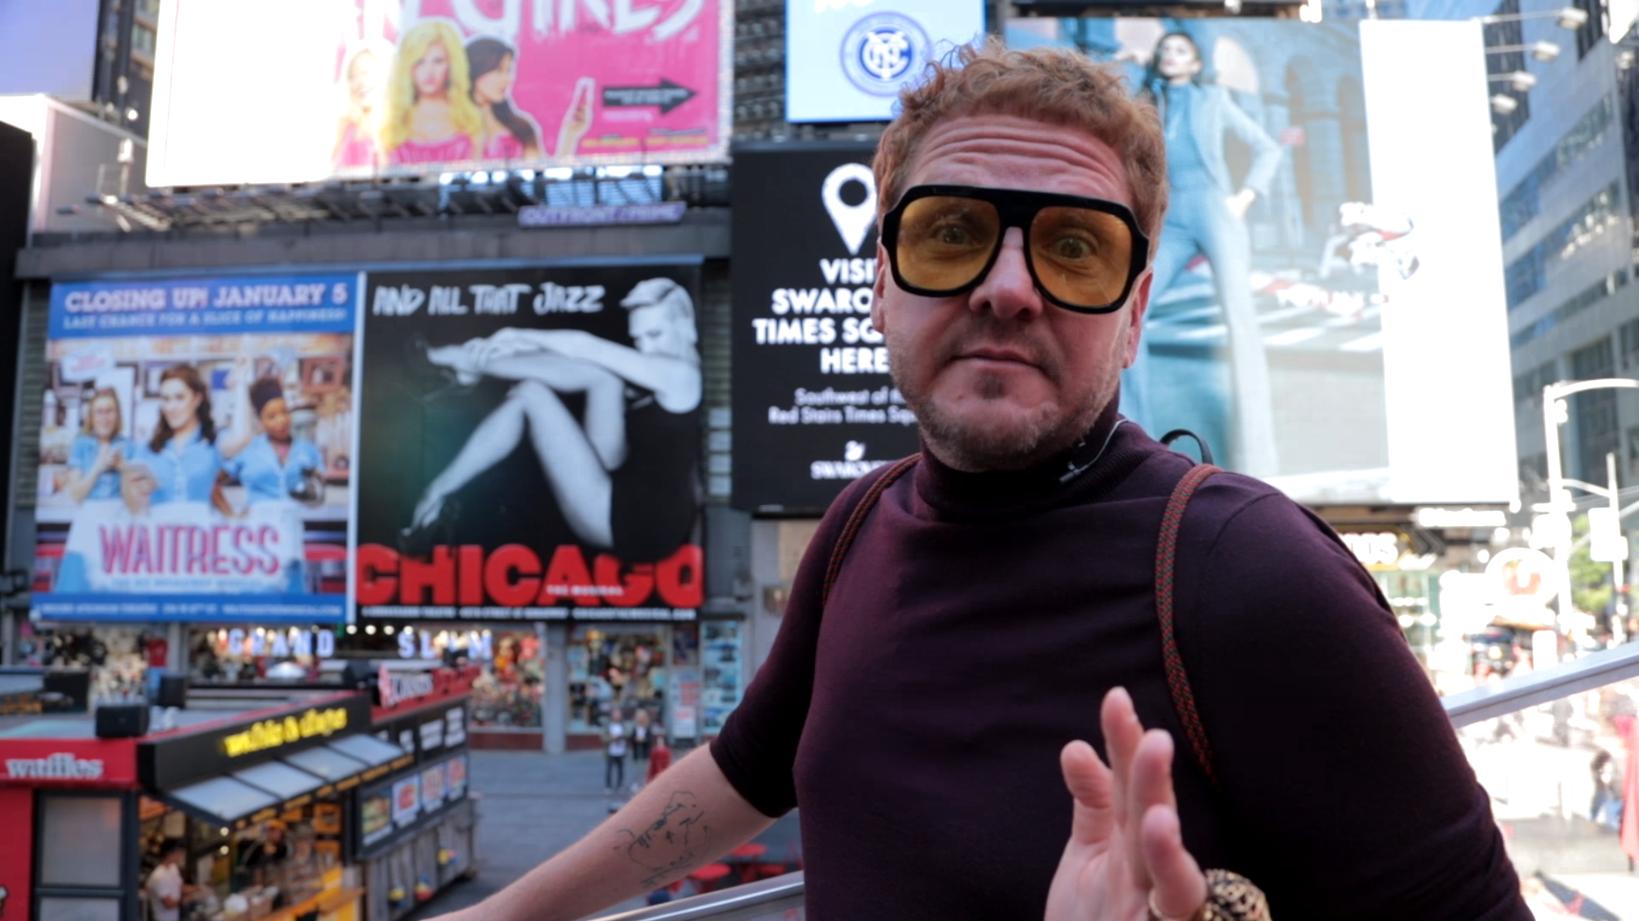 Miért fontos város New York a divatszakmában?